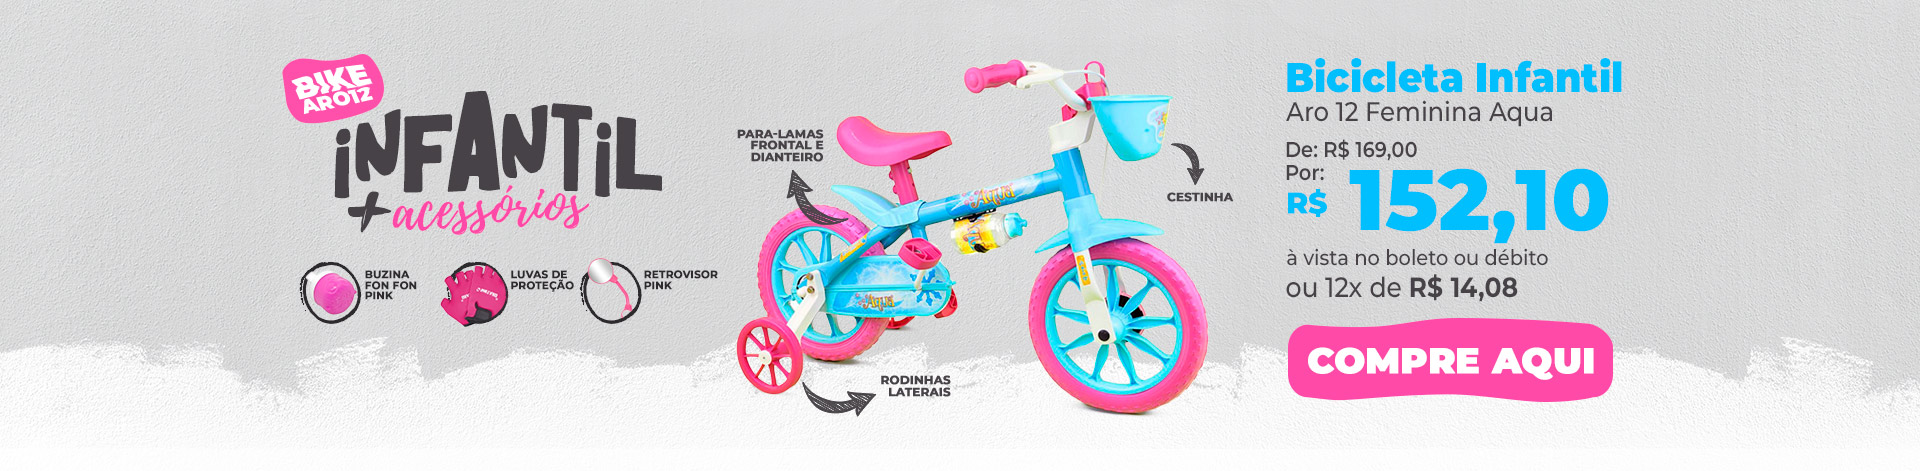 6ecc63c9b bicicleta infantil aro 12 feminina with bicicleta infantil aro 12 feminina